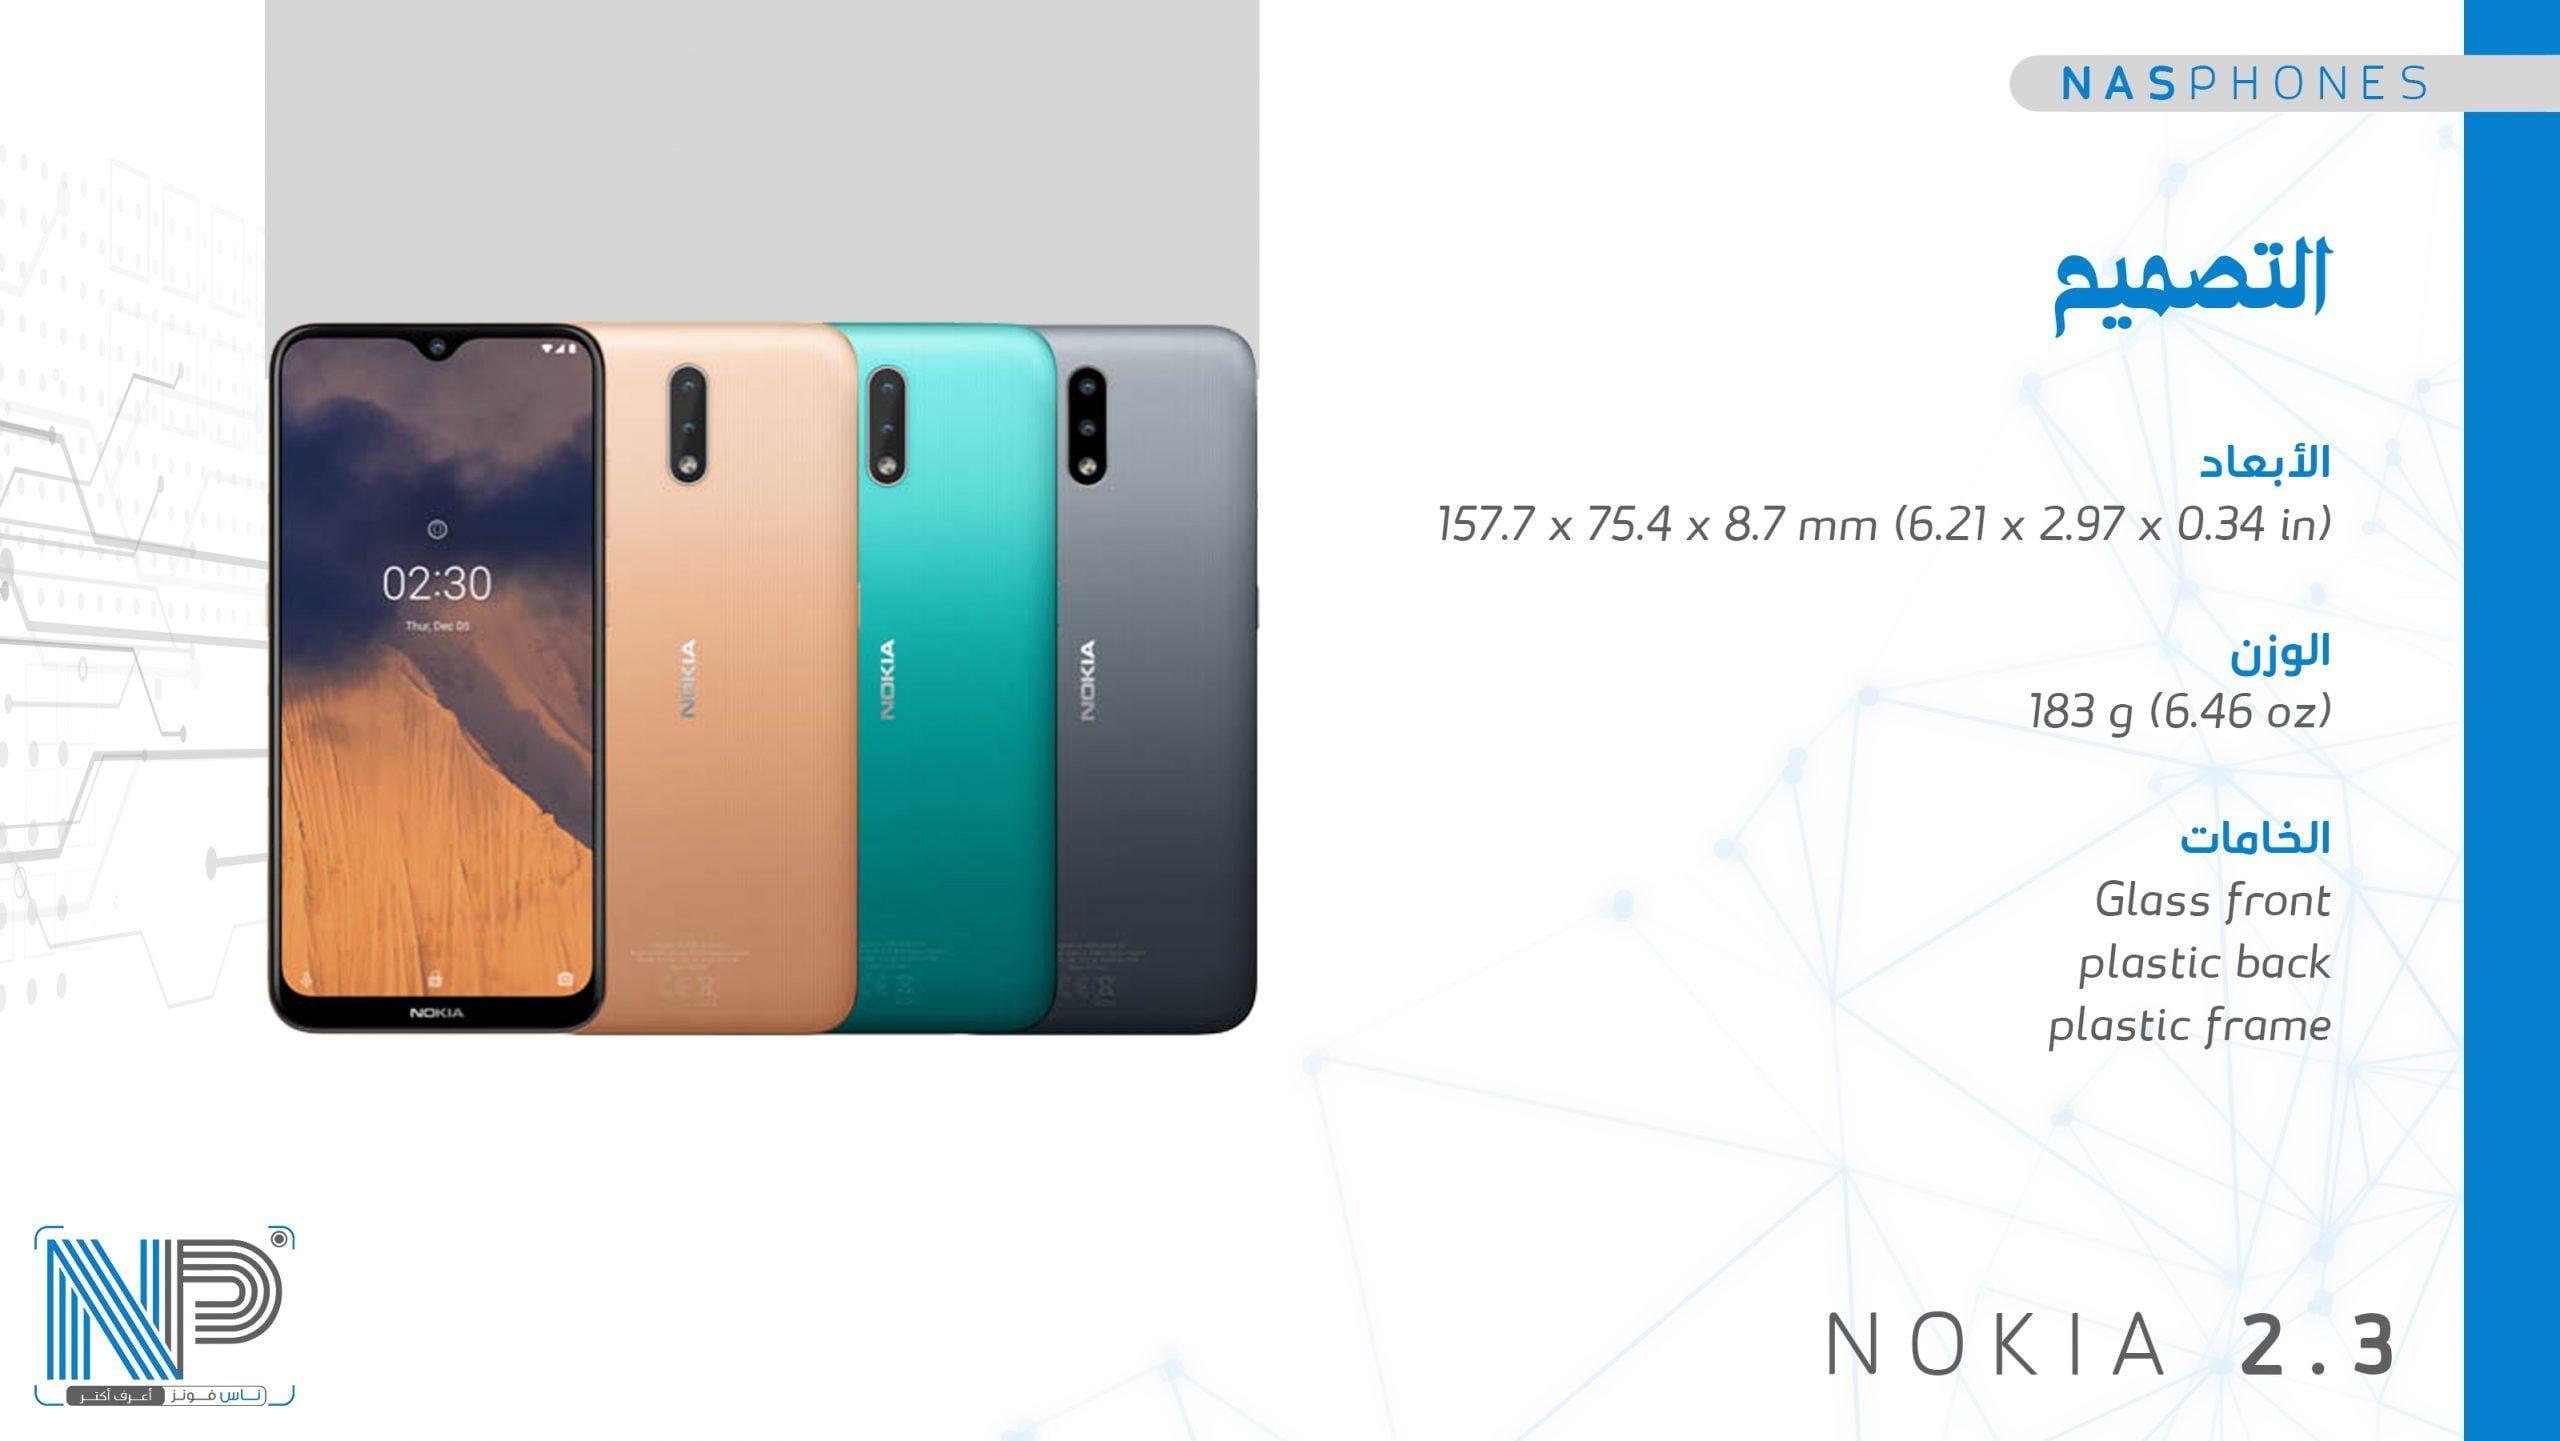 تصميم موبايل Nokia 2.3